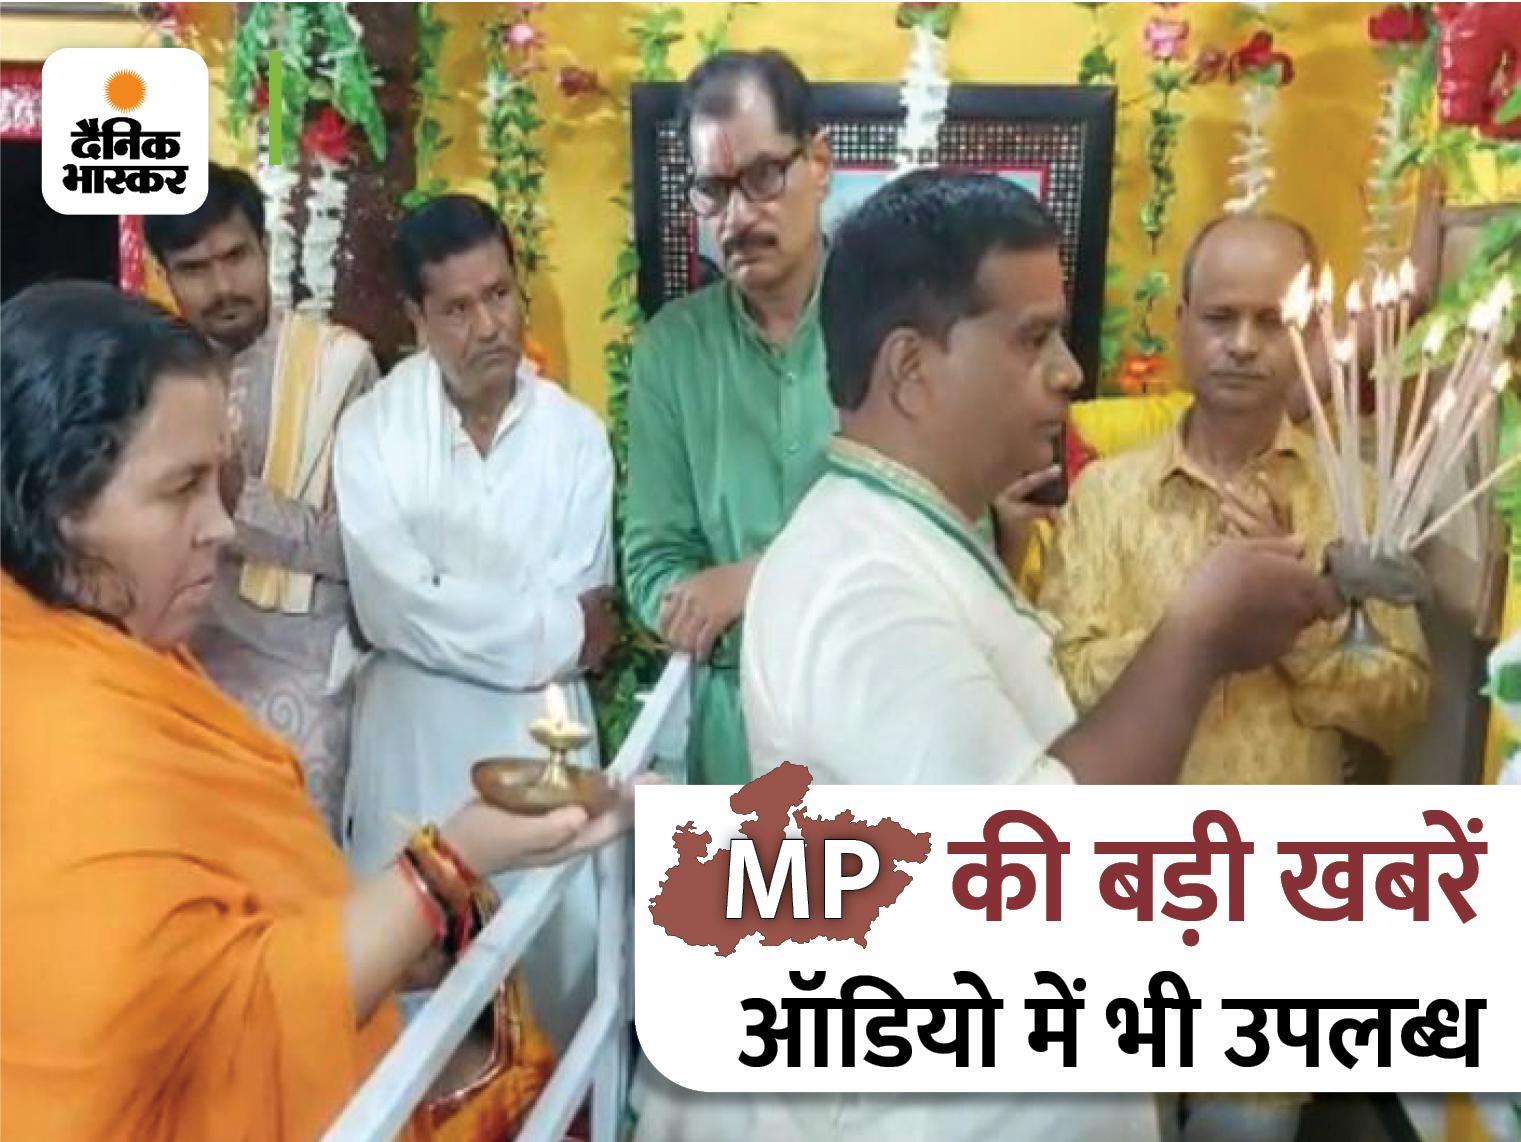 विदिशा में खुले राधा रानी मंदिर के पट, इंदौर में नेवी अफसर बनाने के नाम पर 10 लाख ठगे; खंडवा में पुलिस हिरासत में मौत|भोपाल,Bhopal - Dainik Bhaskar